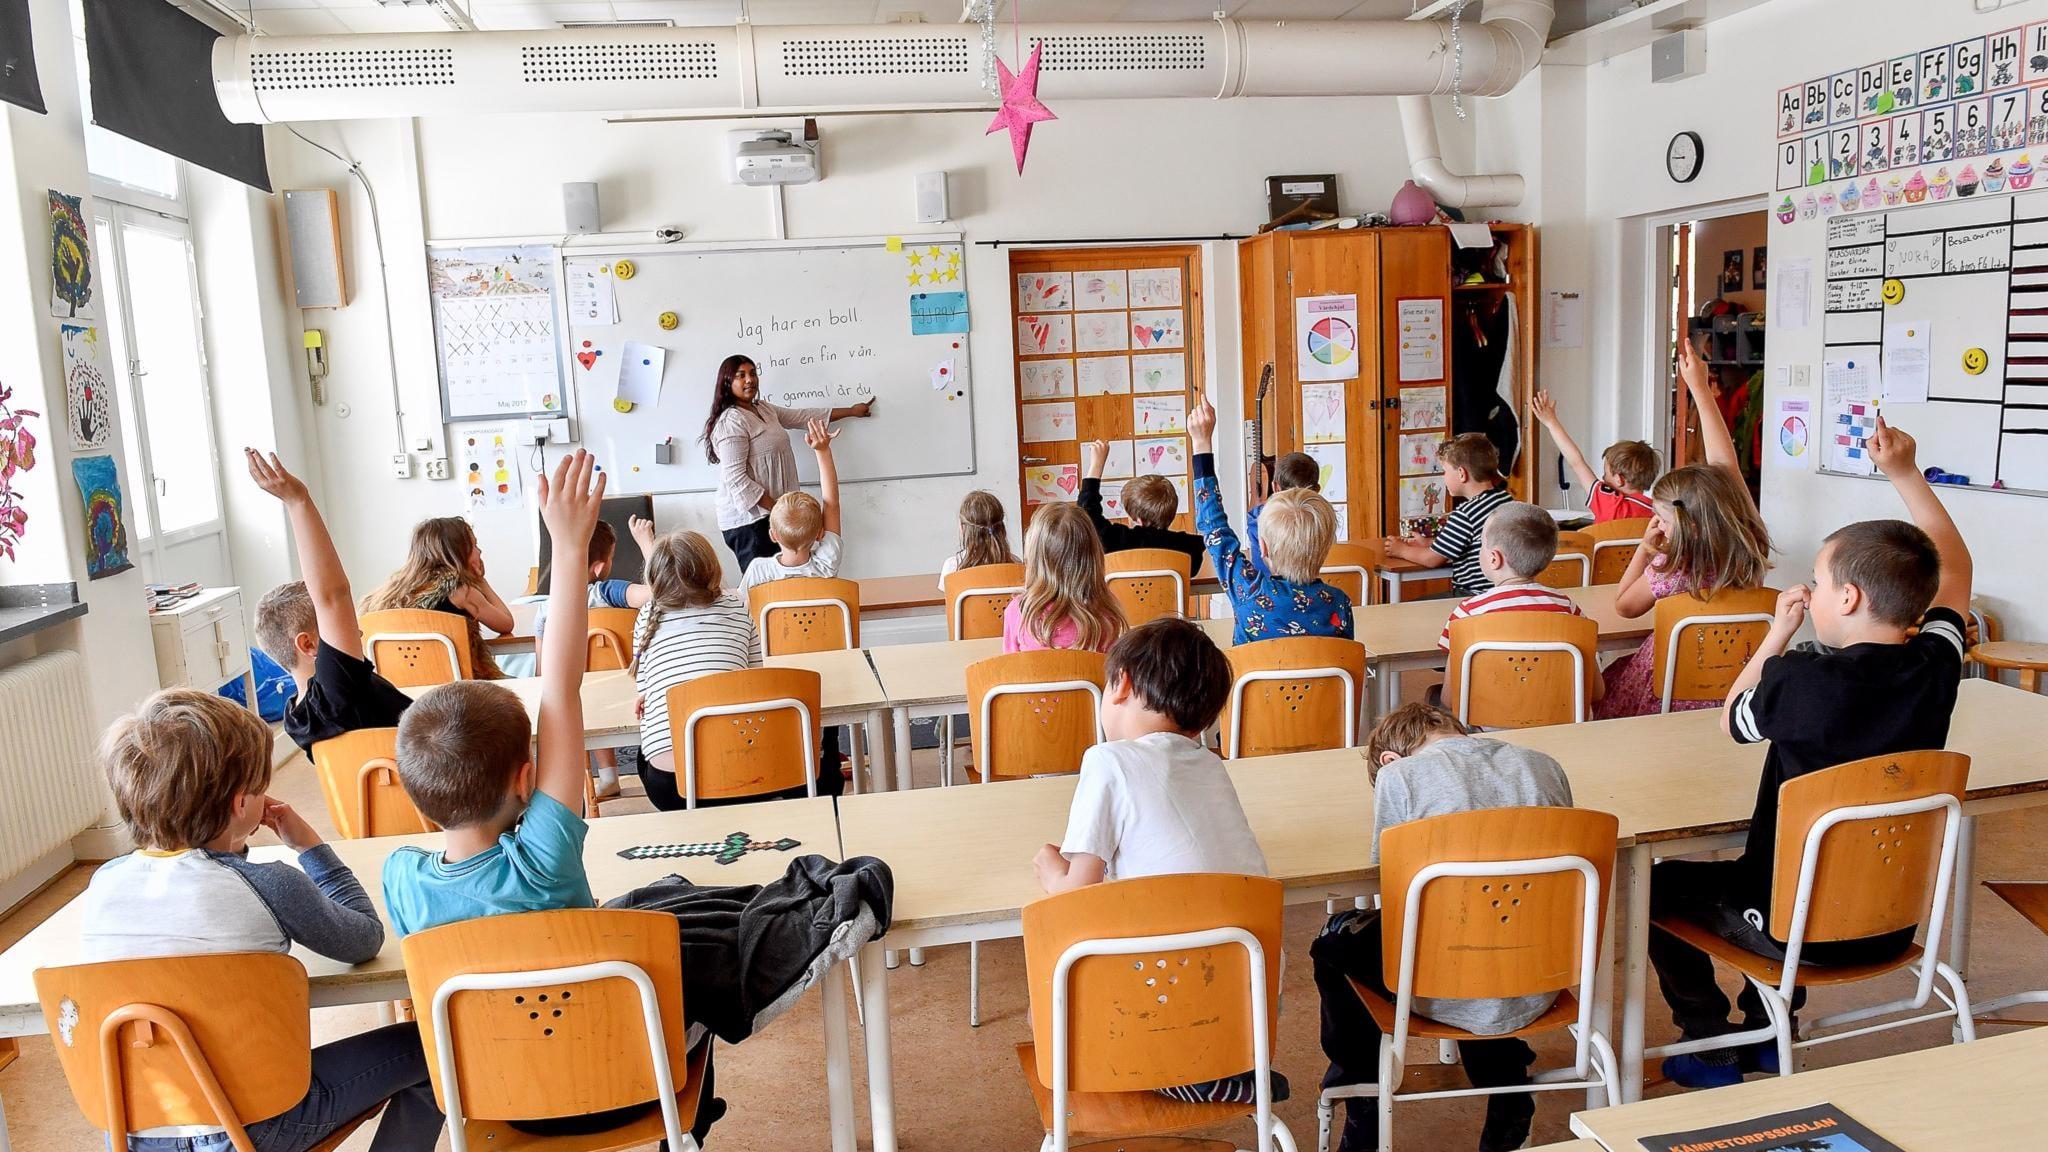 Syrjintäasiamies DO:n päätös suomen kielen puhekiellosta jakaa mielipiteitä